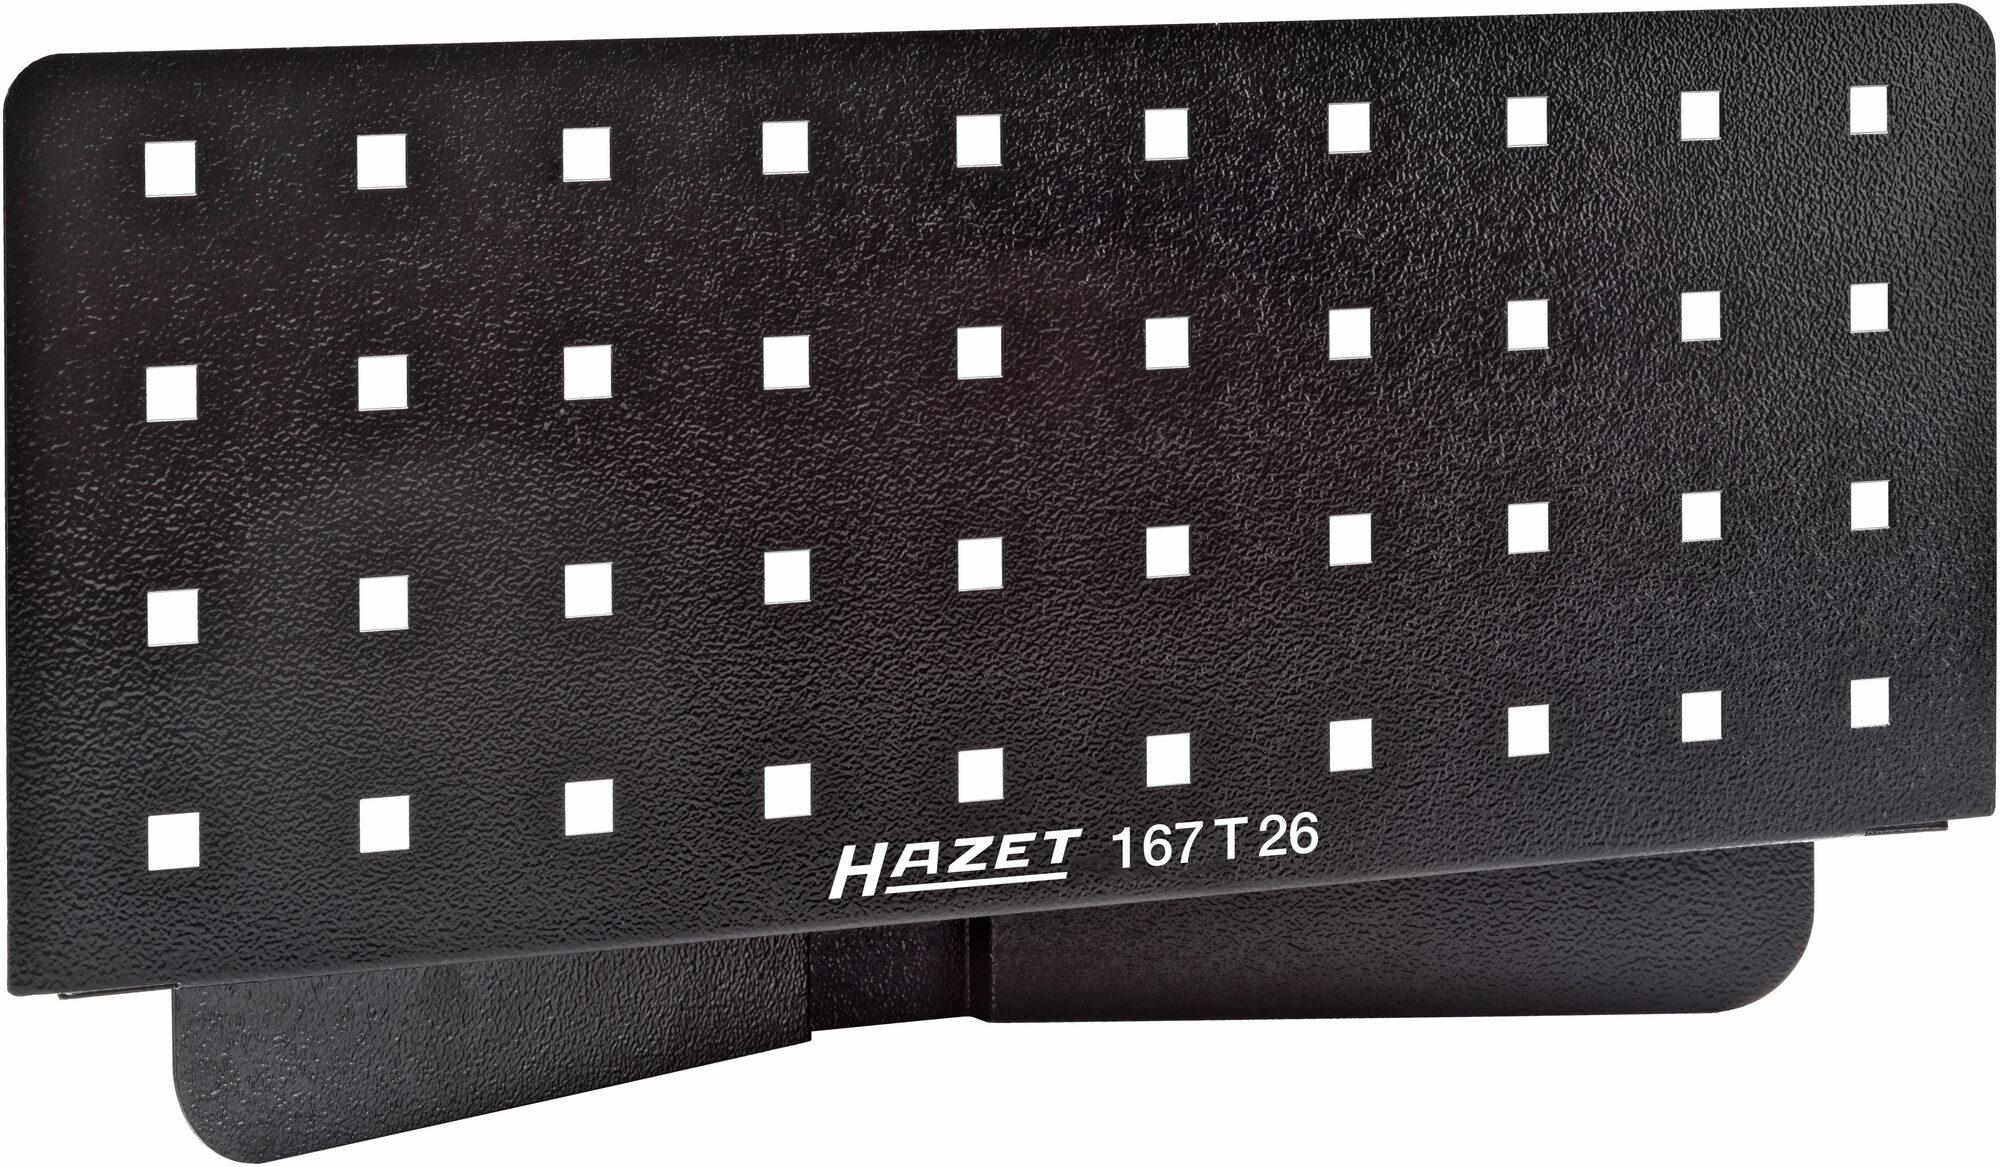 HAZET Lochwand 167T26